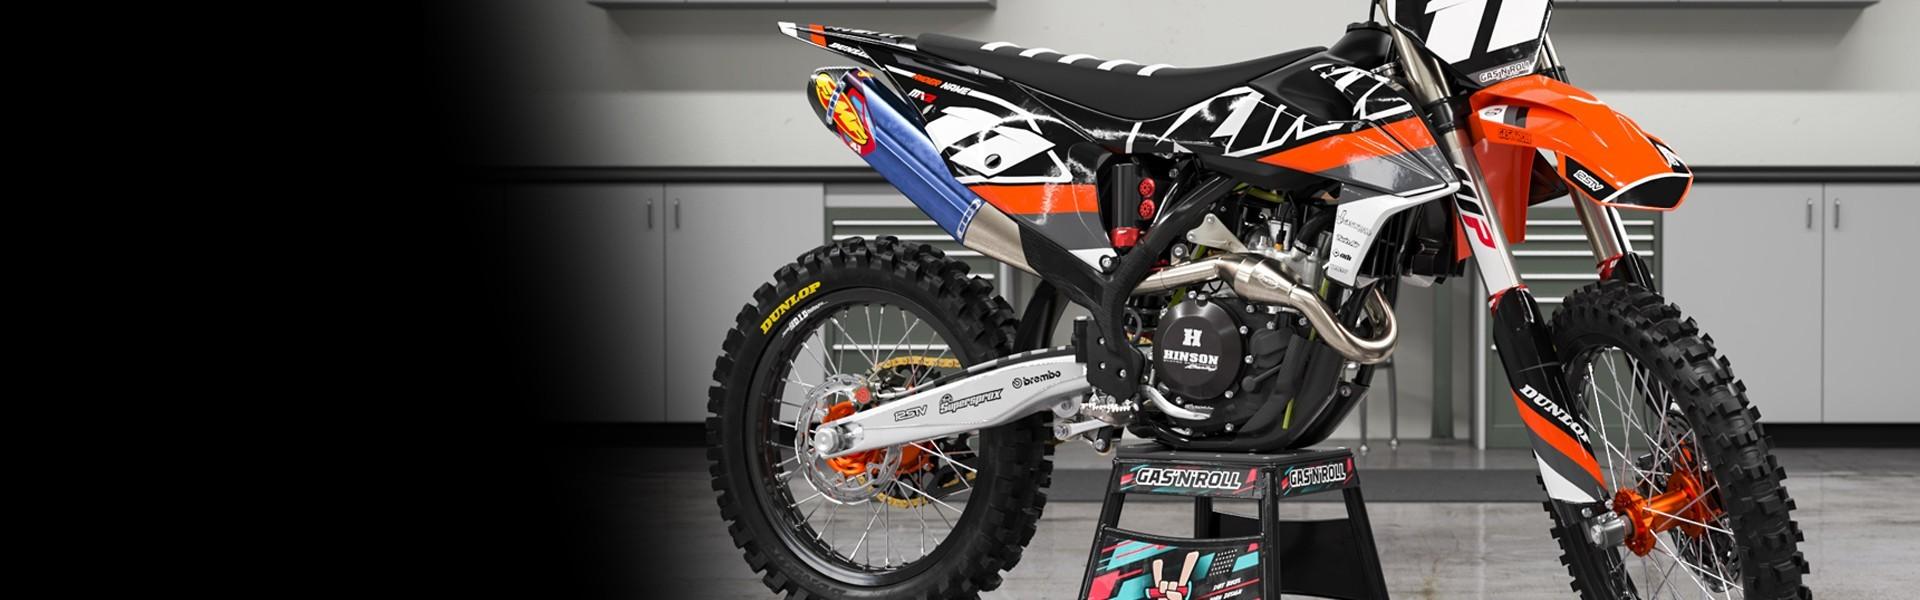 Kits de adhesivos moto KTM